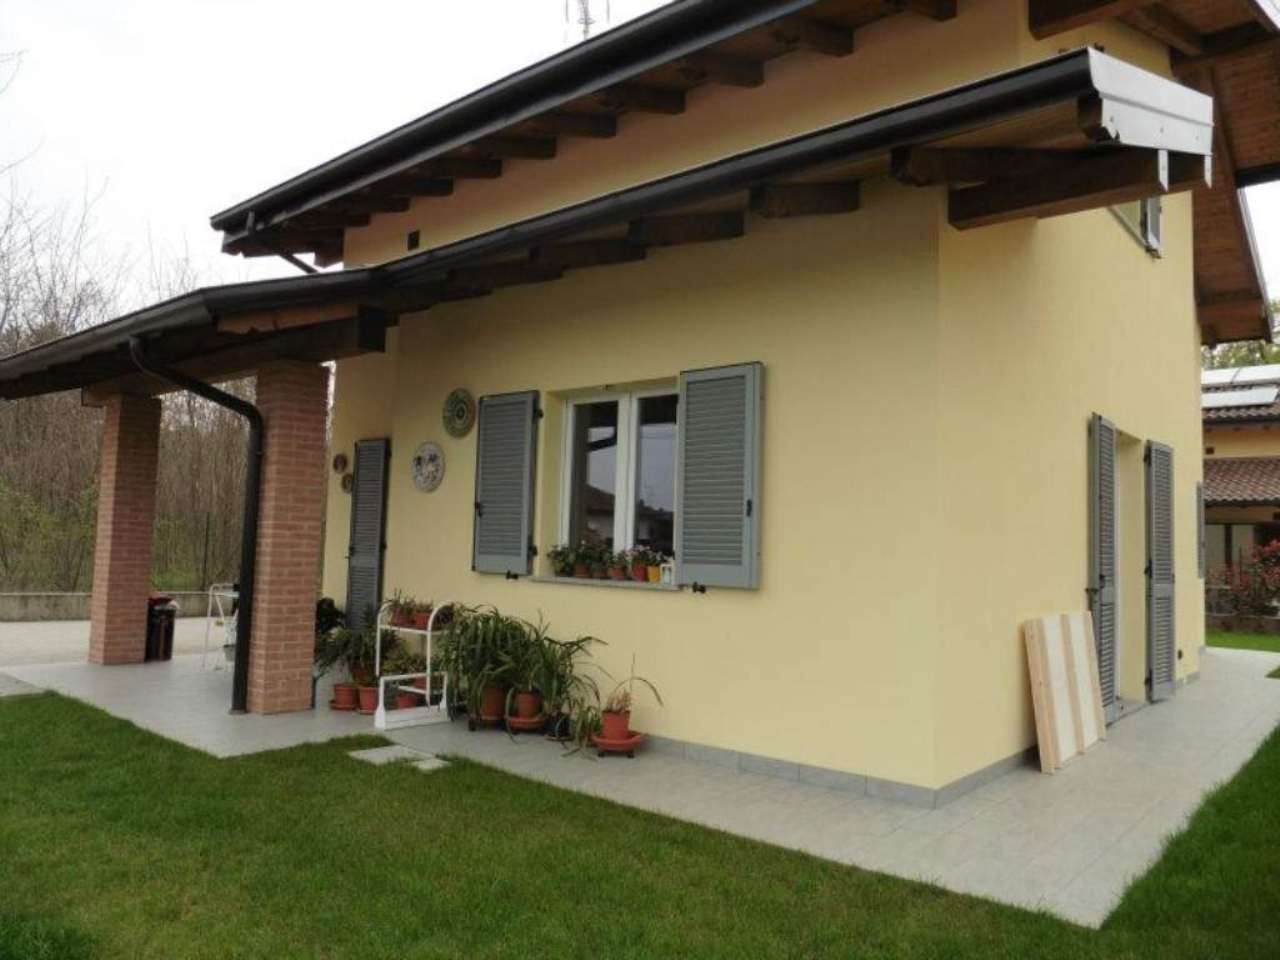 Villa in vendita a Oleggio Castello, 4 locali, prezzo € 275.000 | Cambio Casa.it